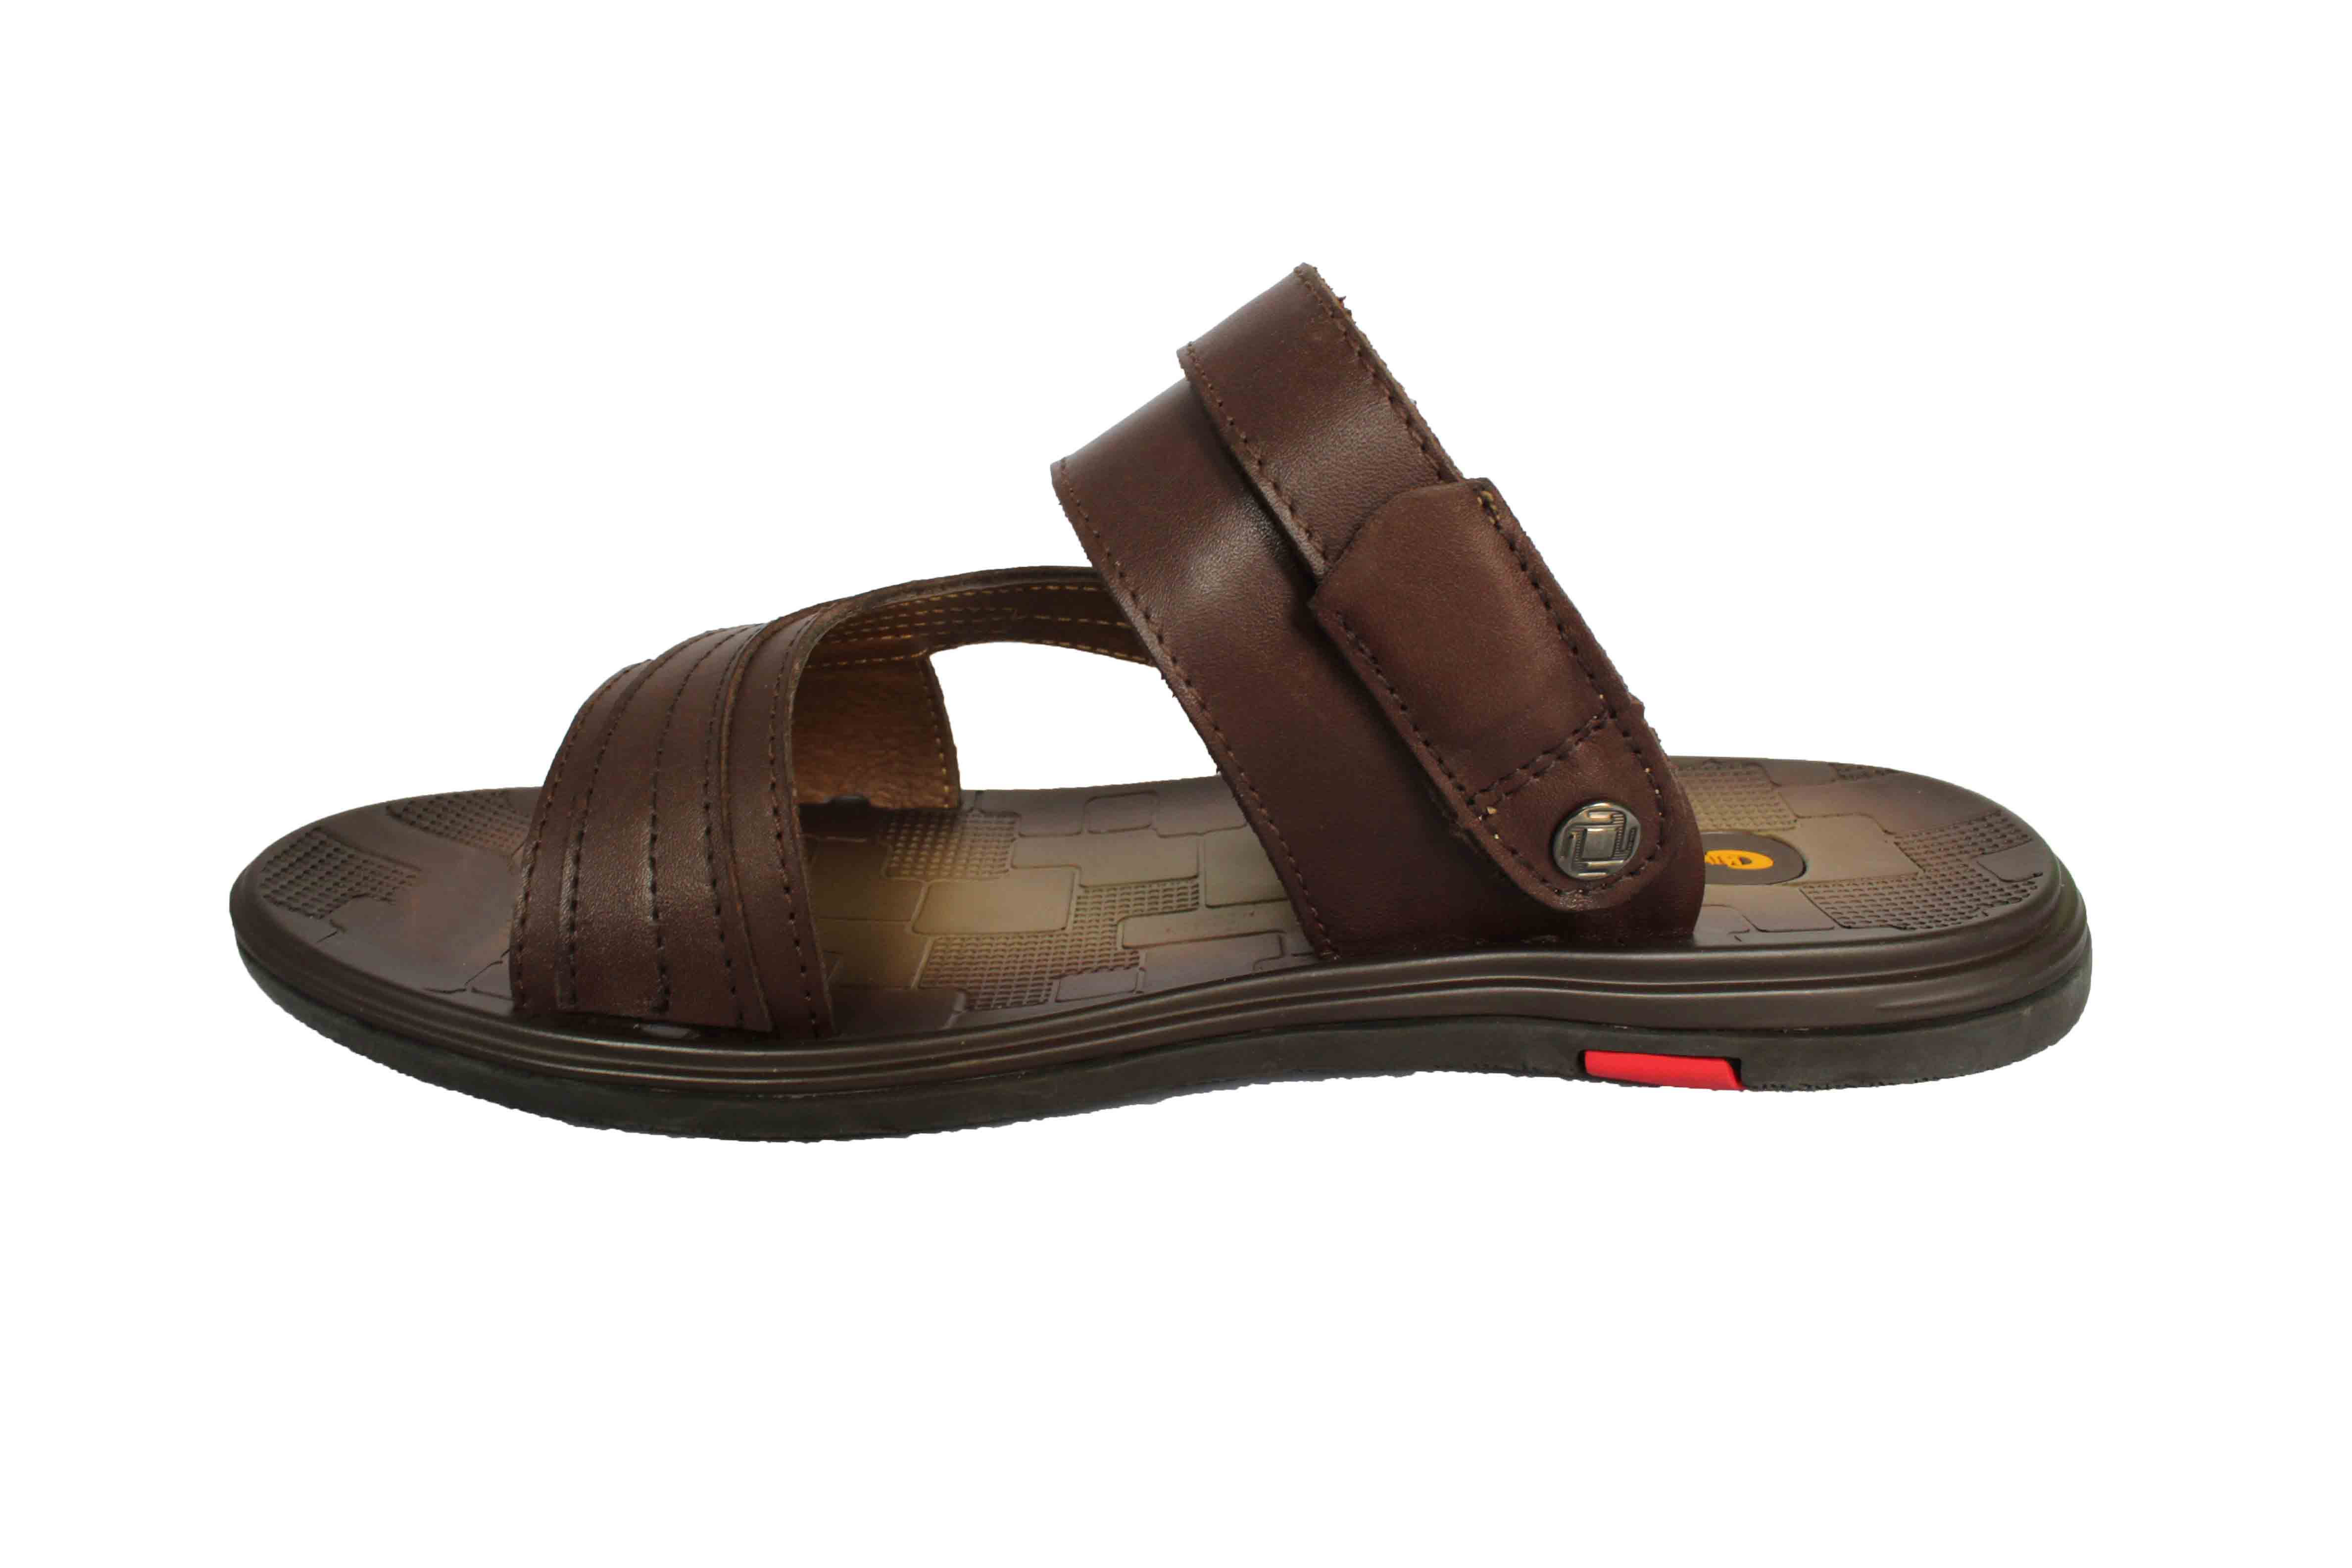 sandal da bo